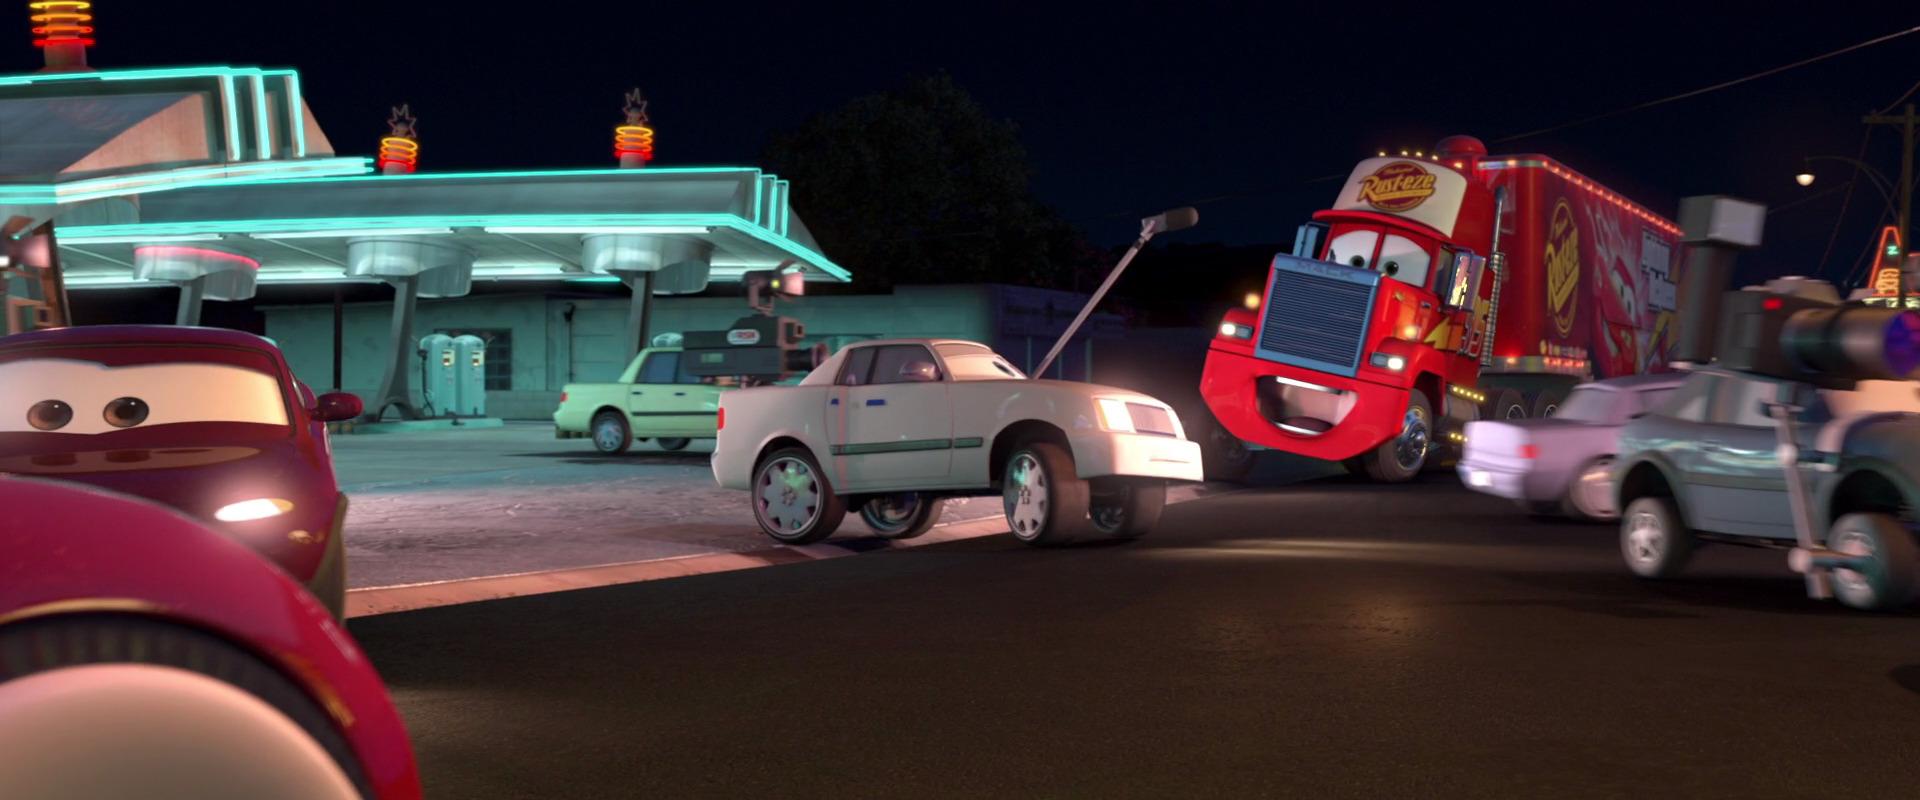 Image - Cars-disneyscreencaps.com-10408.jpg | Disney Wiki | FANDOM ...